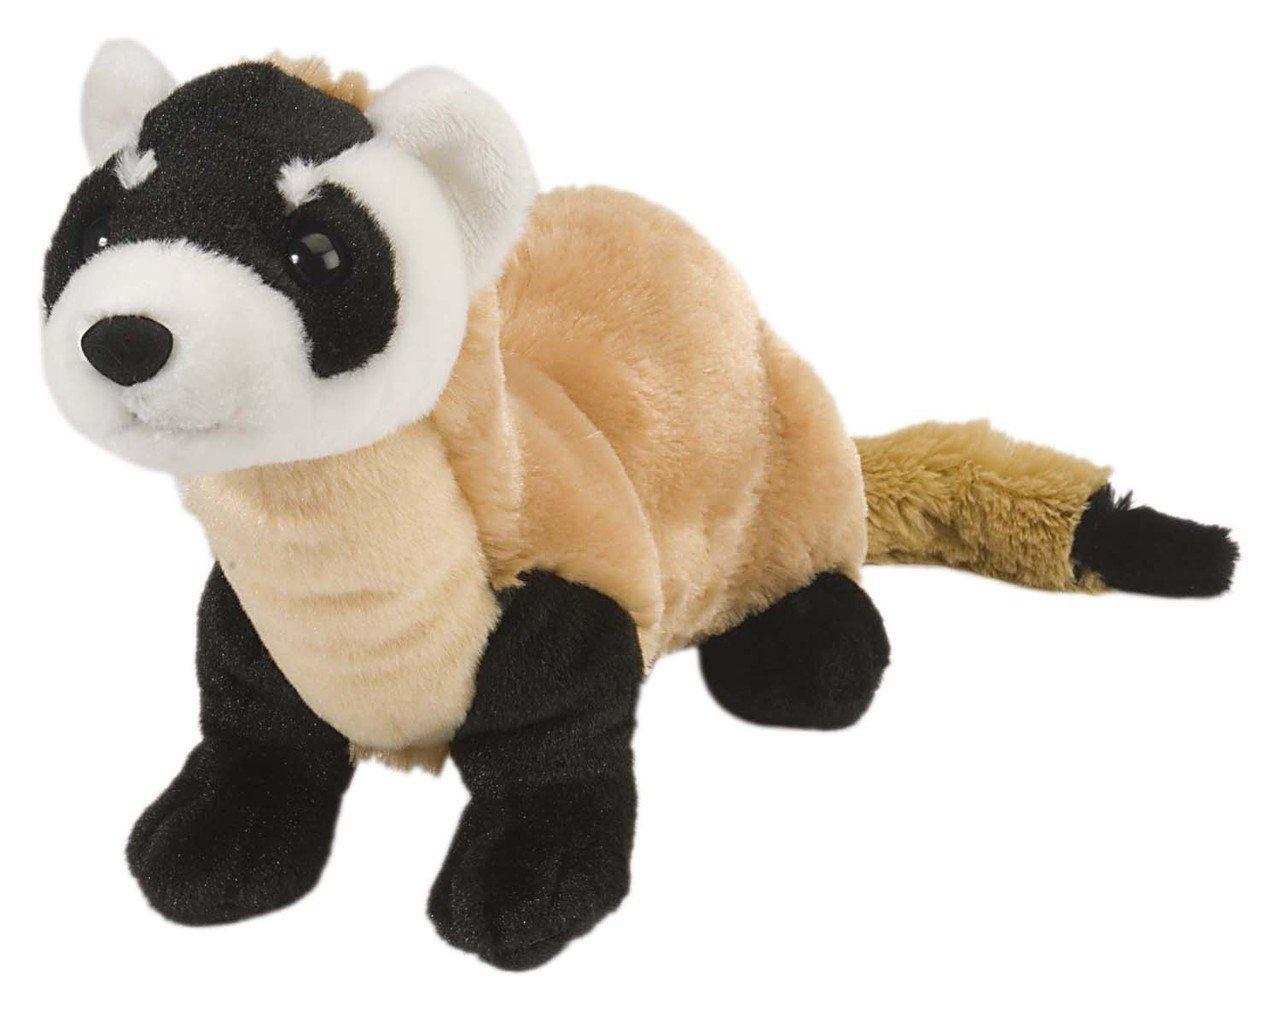 Black footed Ferret stuffed animal